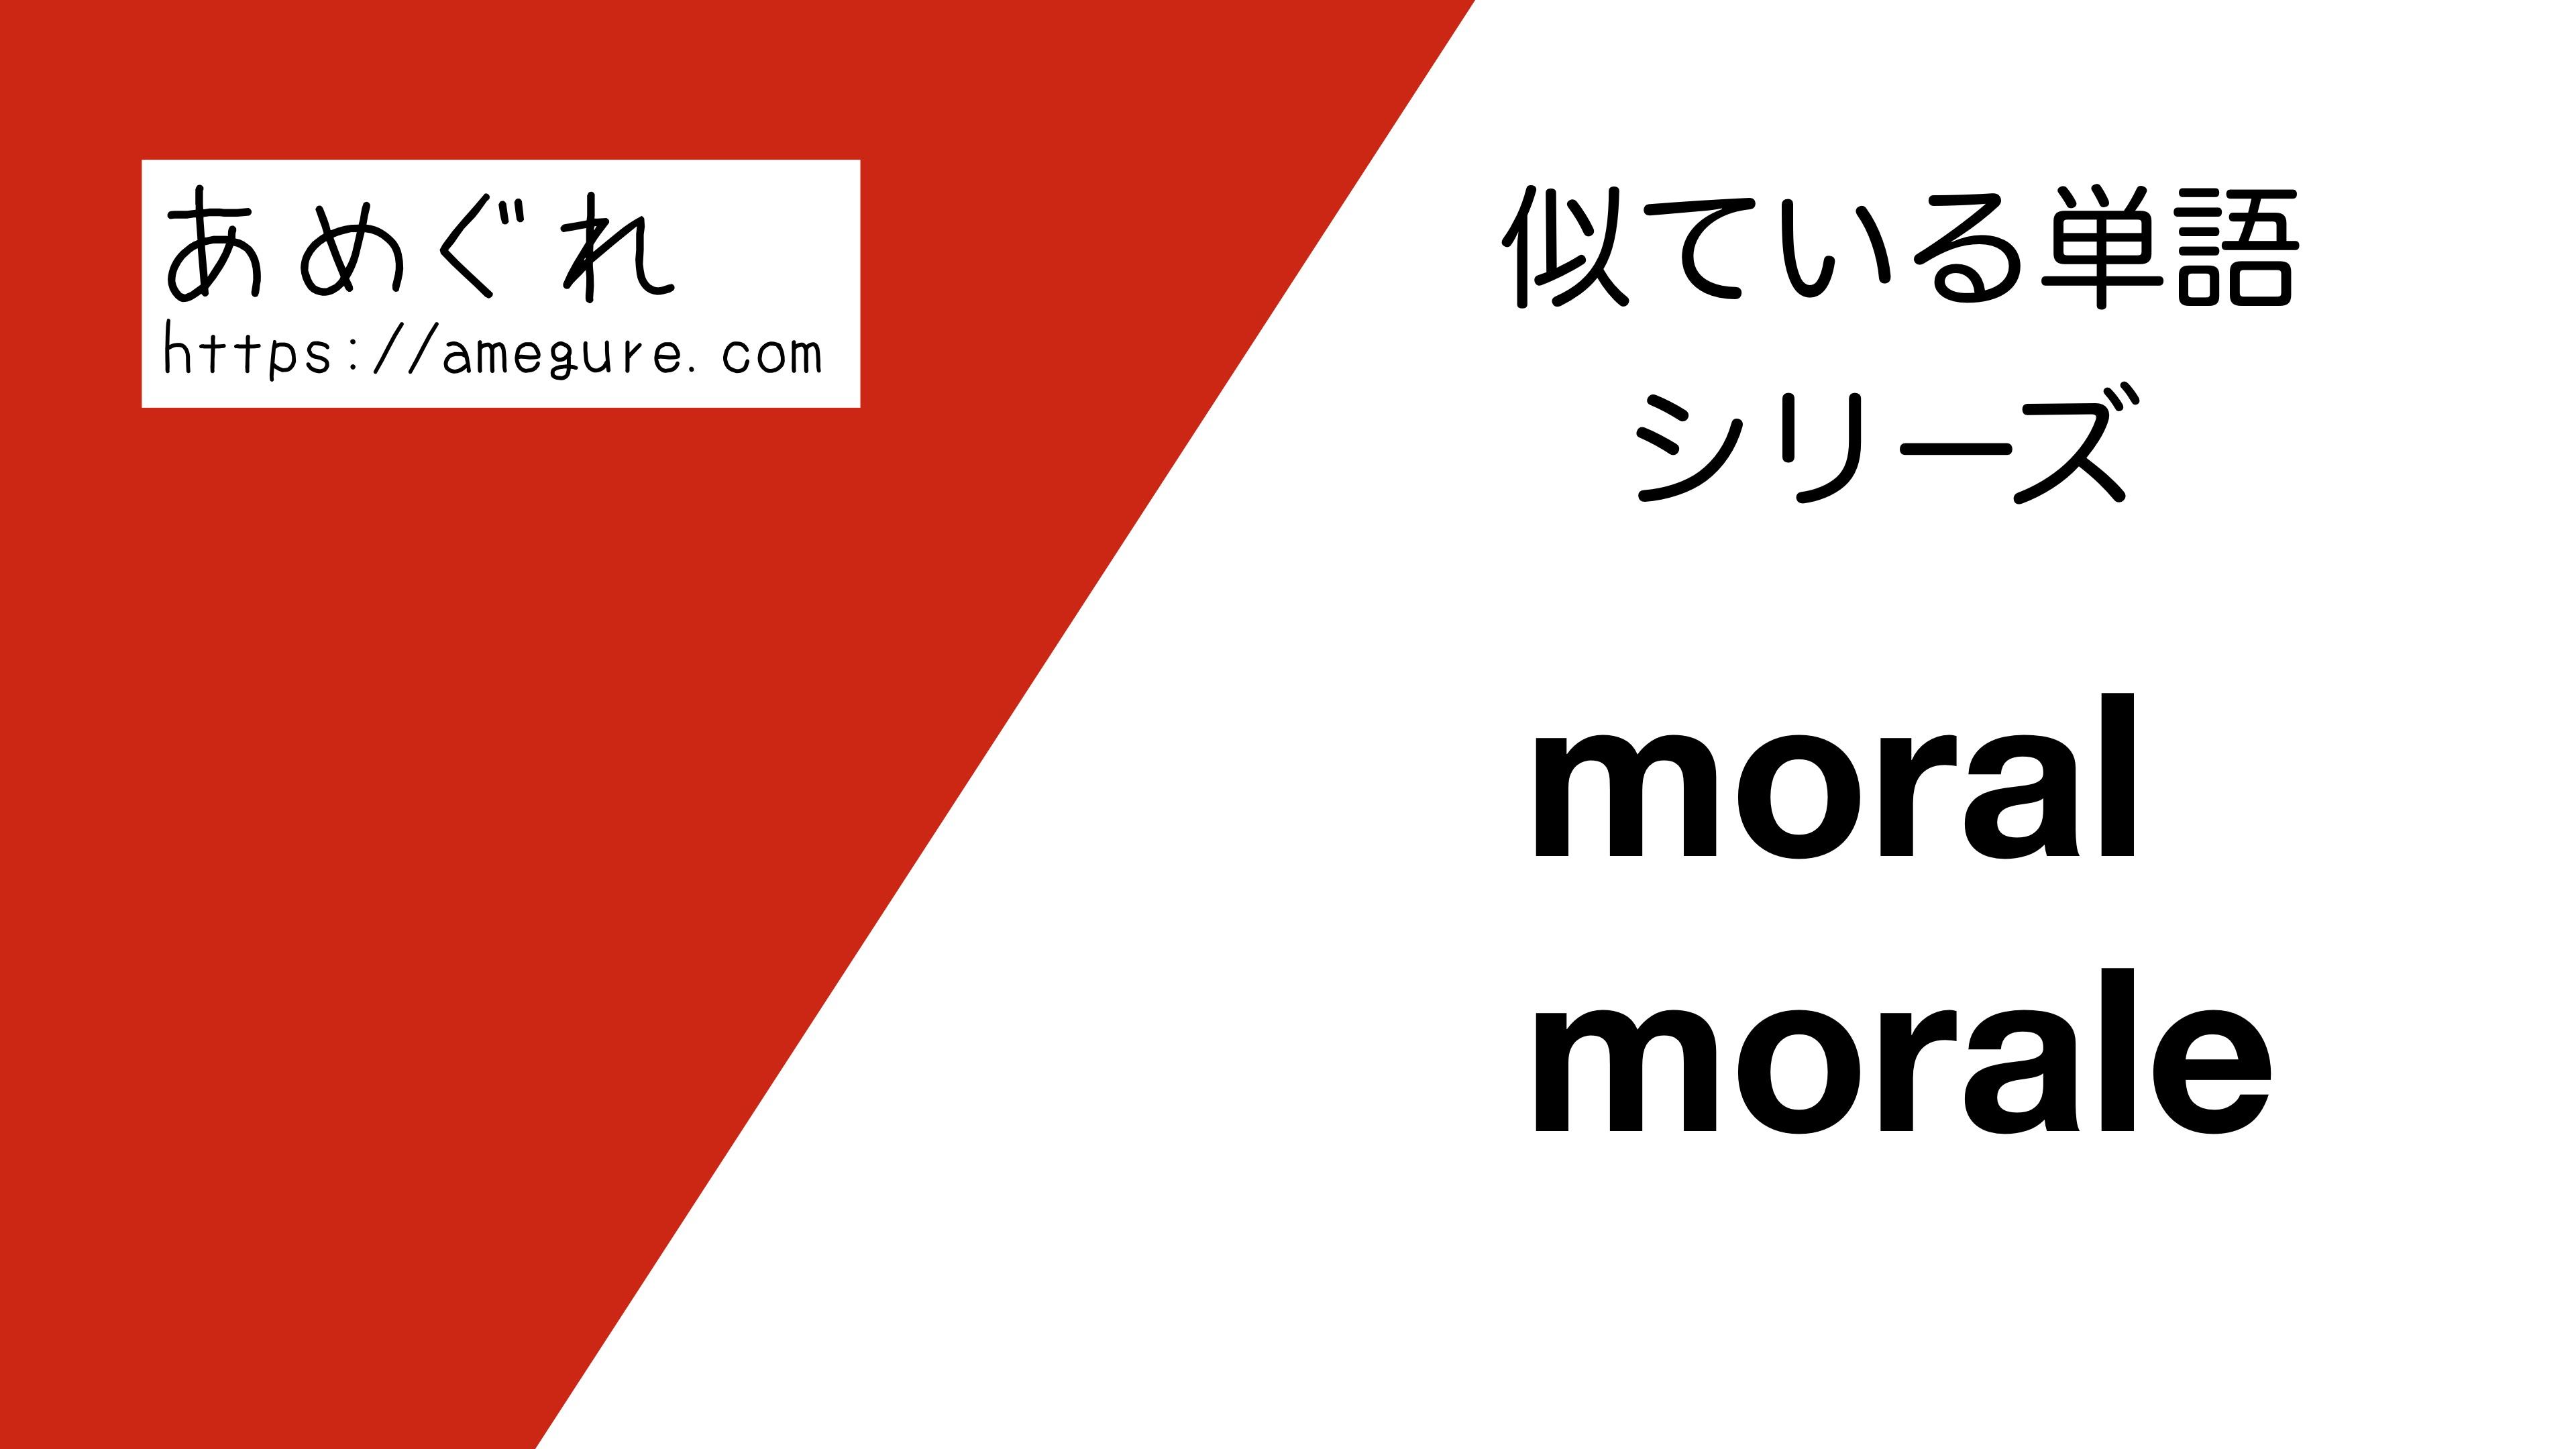 moral-morale違い